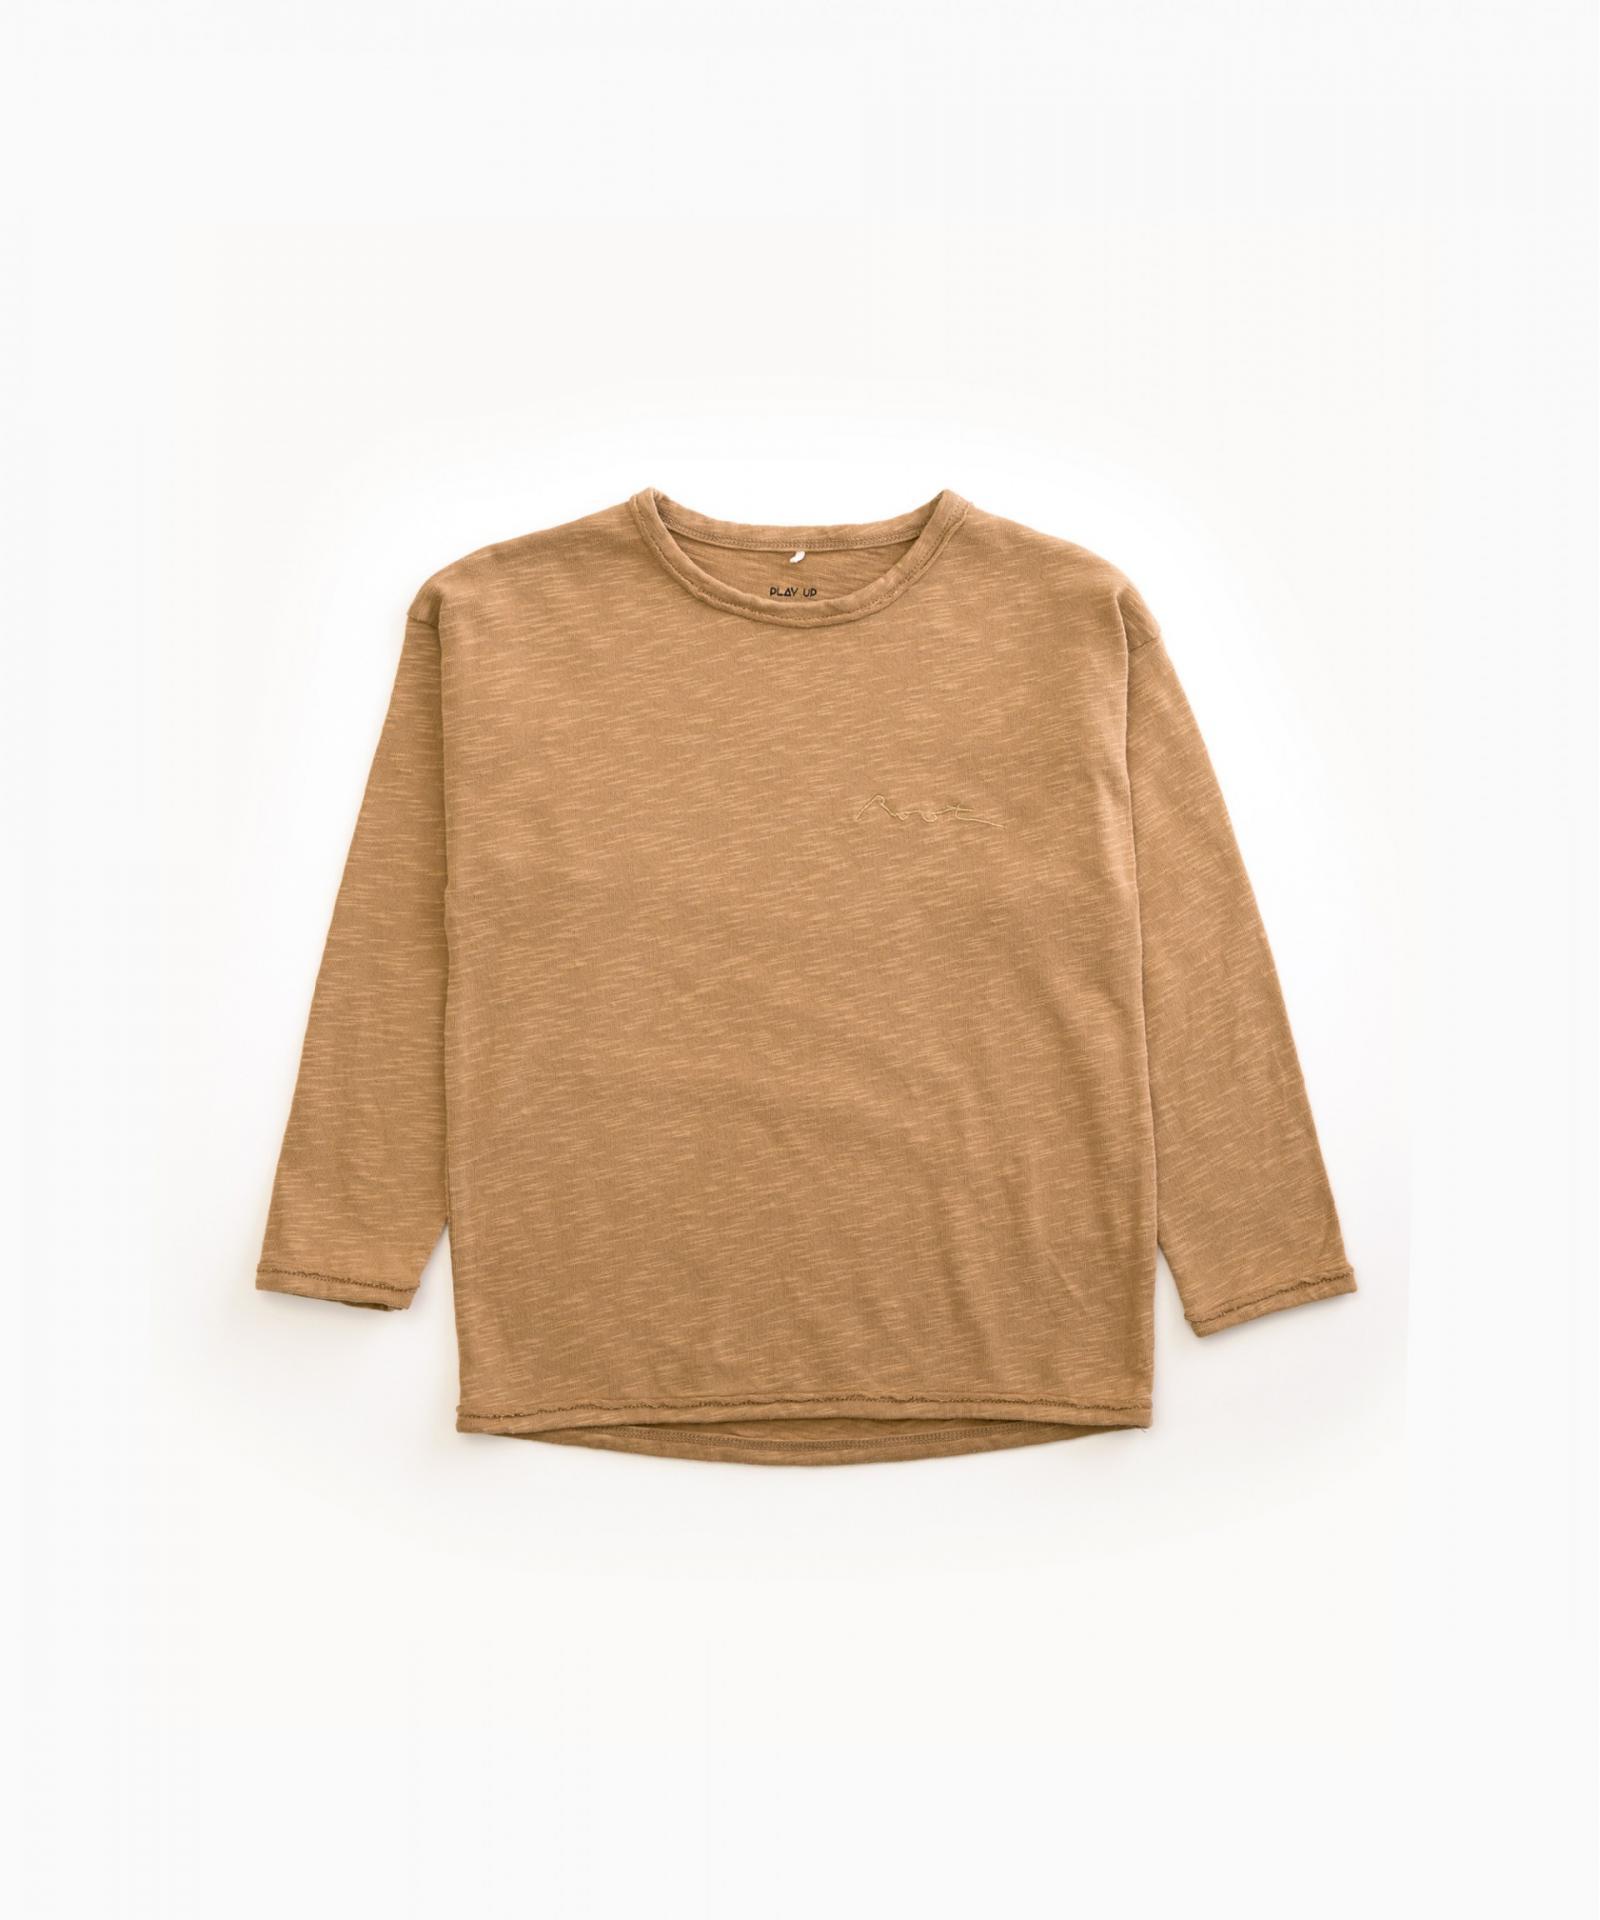 Camiseta de algodón orgánico con bellotas PLAY UP